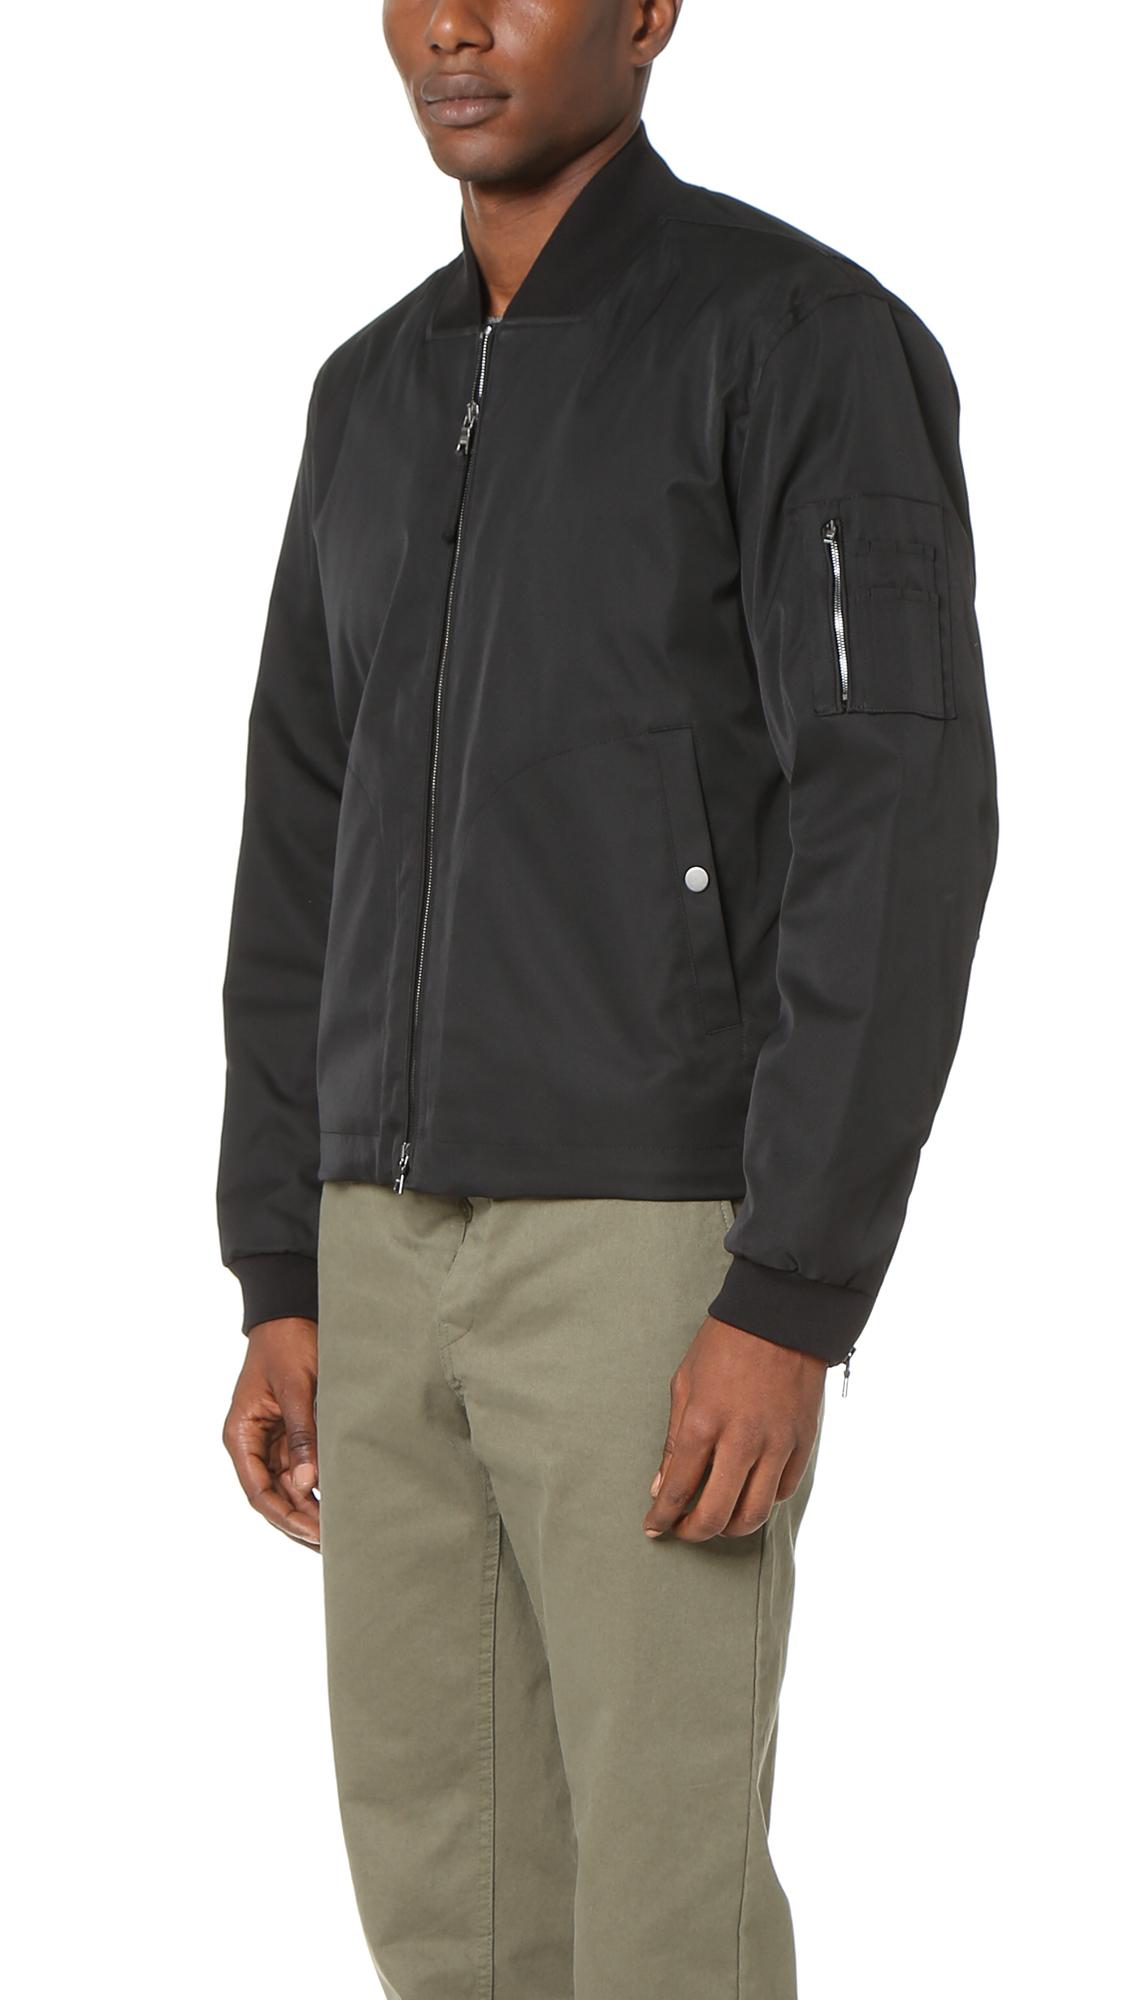 Vince Utility Bomber Jacket In Black For Men Lyst